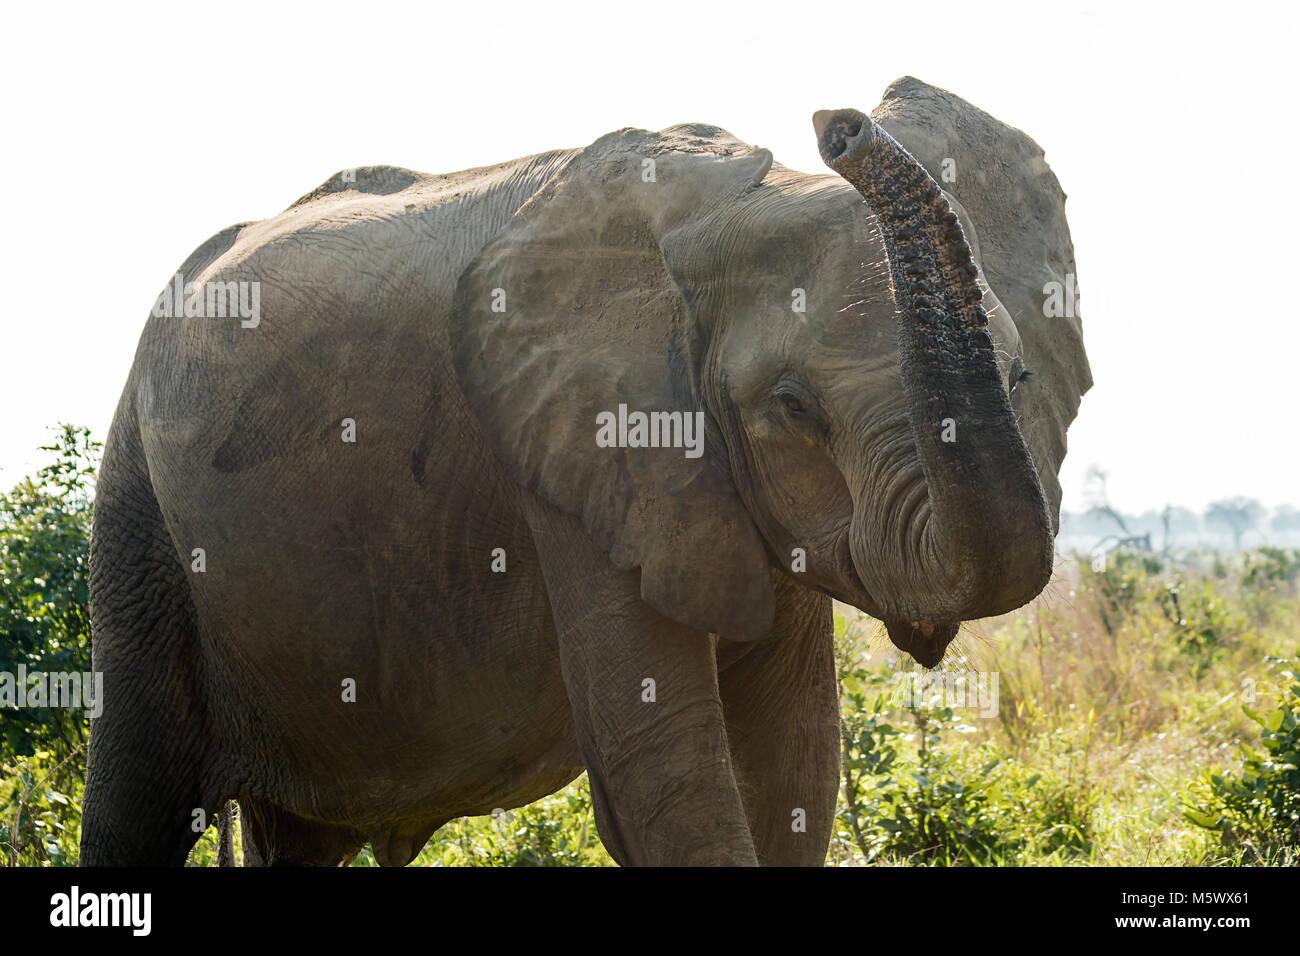 African Elephant Ears Cutout Stock Photos African Elephant Ears